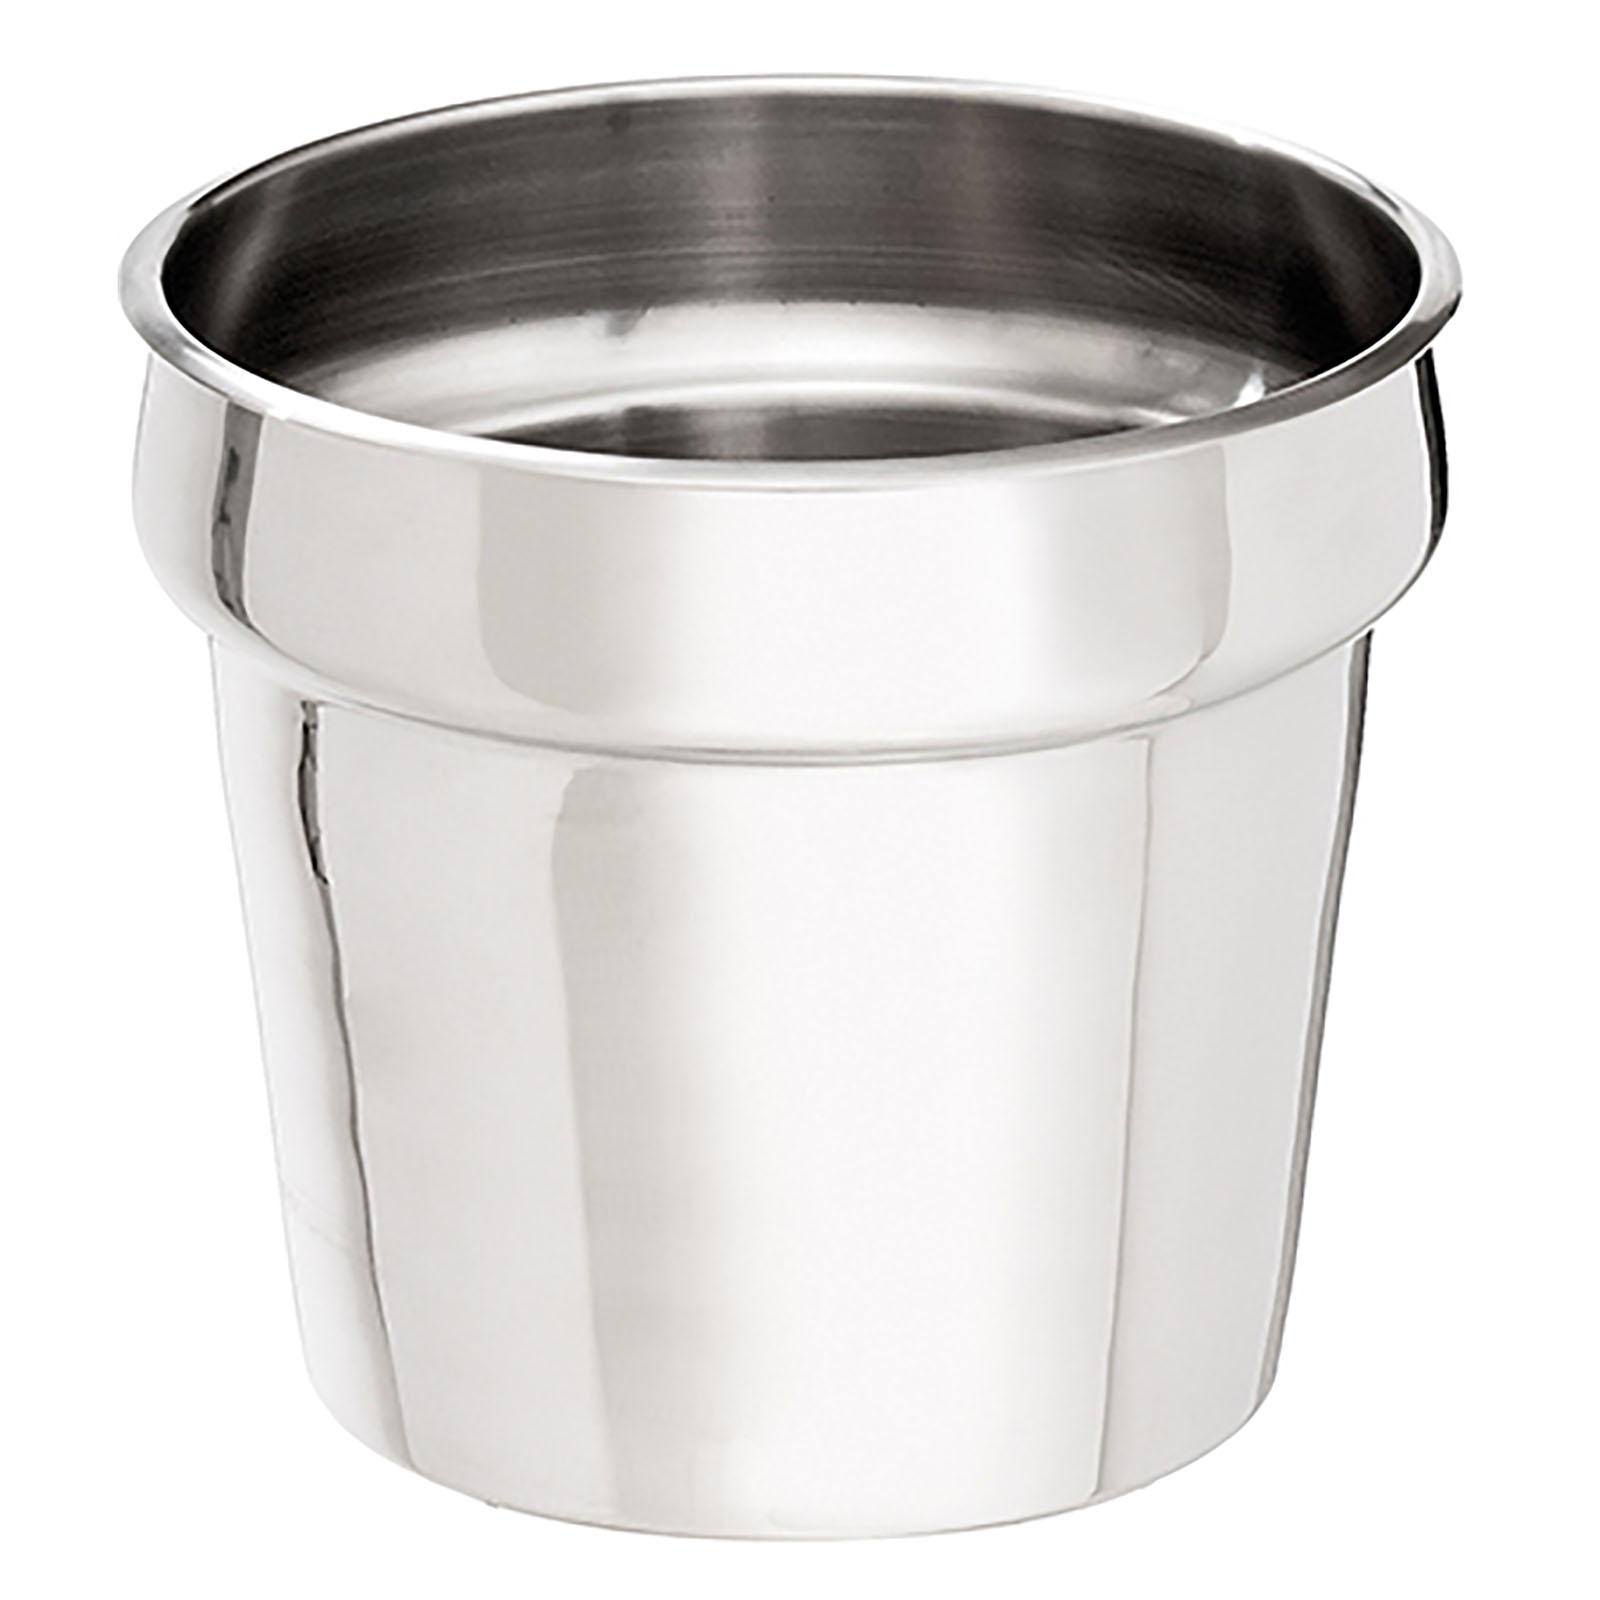 Bartscher Einsatztopf - 6,5 Liter zu Hotpot 10190218